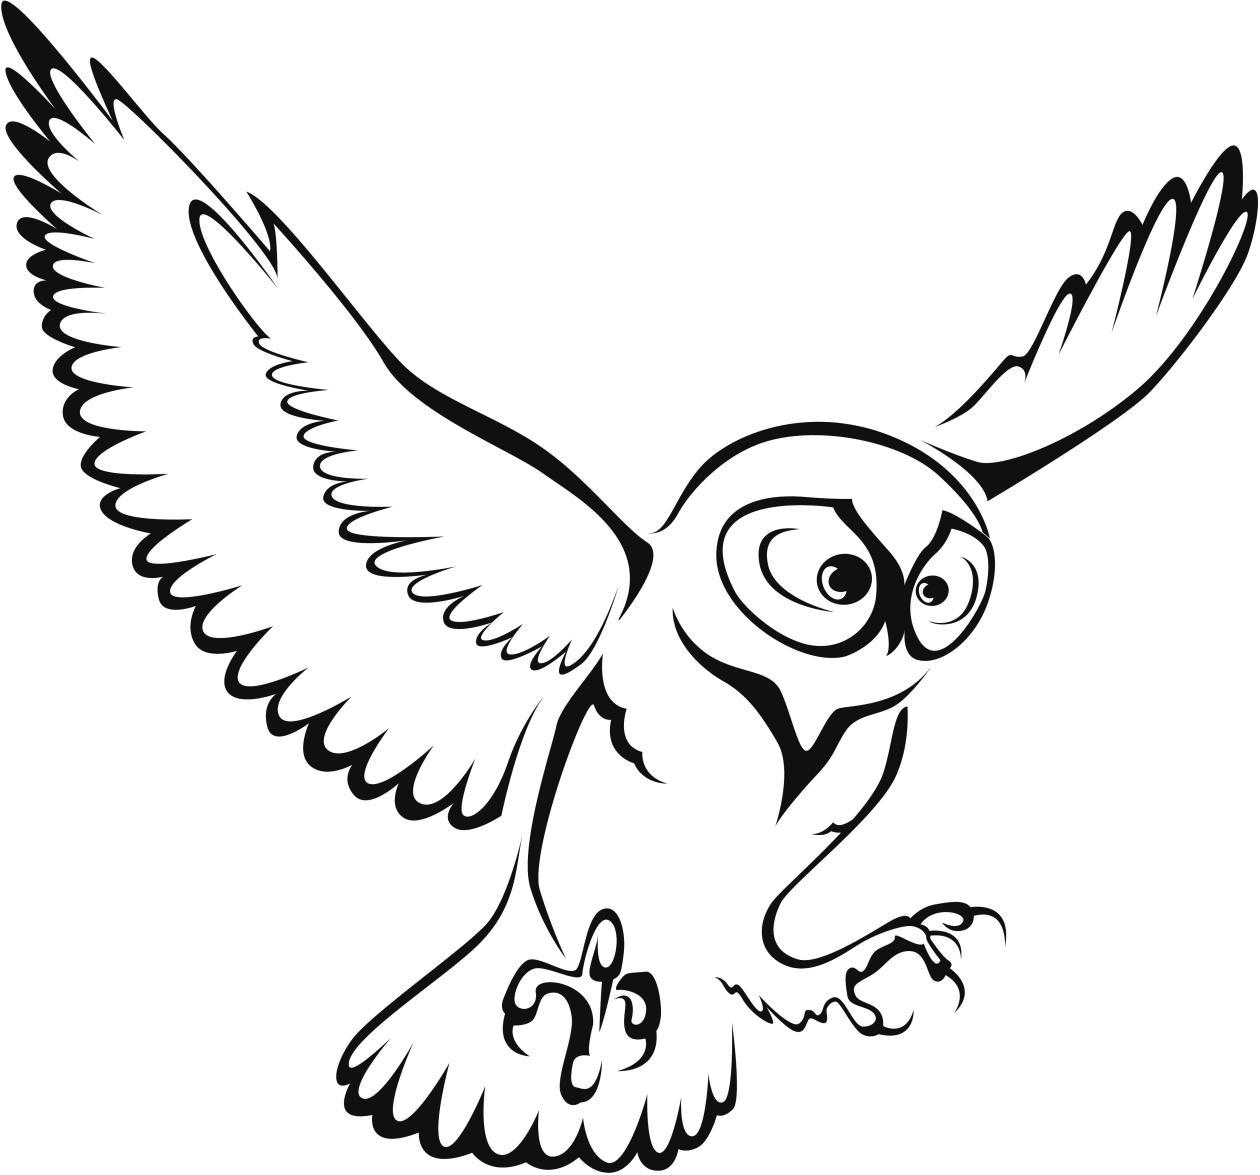 Único Plantillas De Aves Friso - Ejemplo De Colección De Plantillas ...